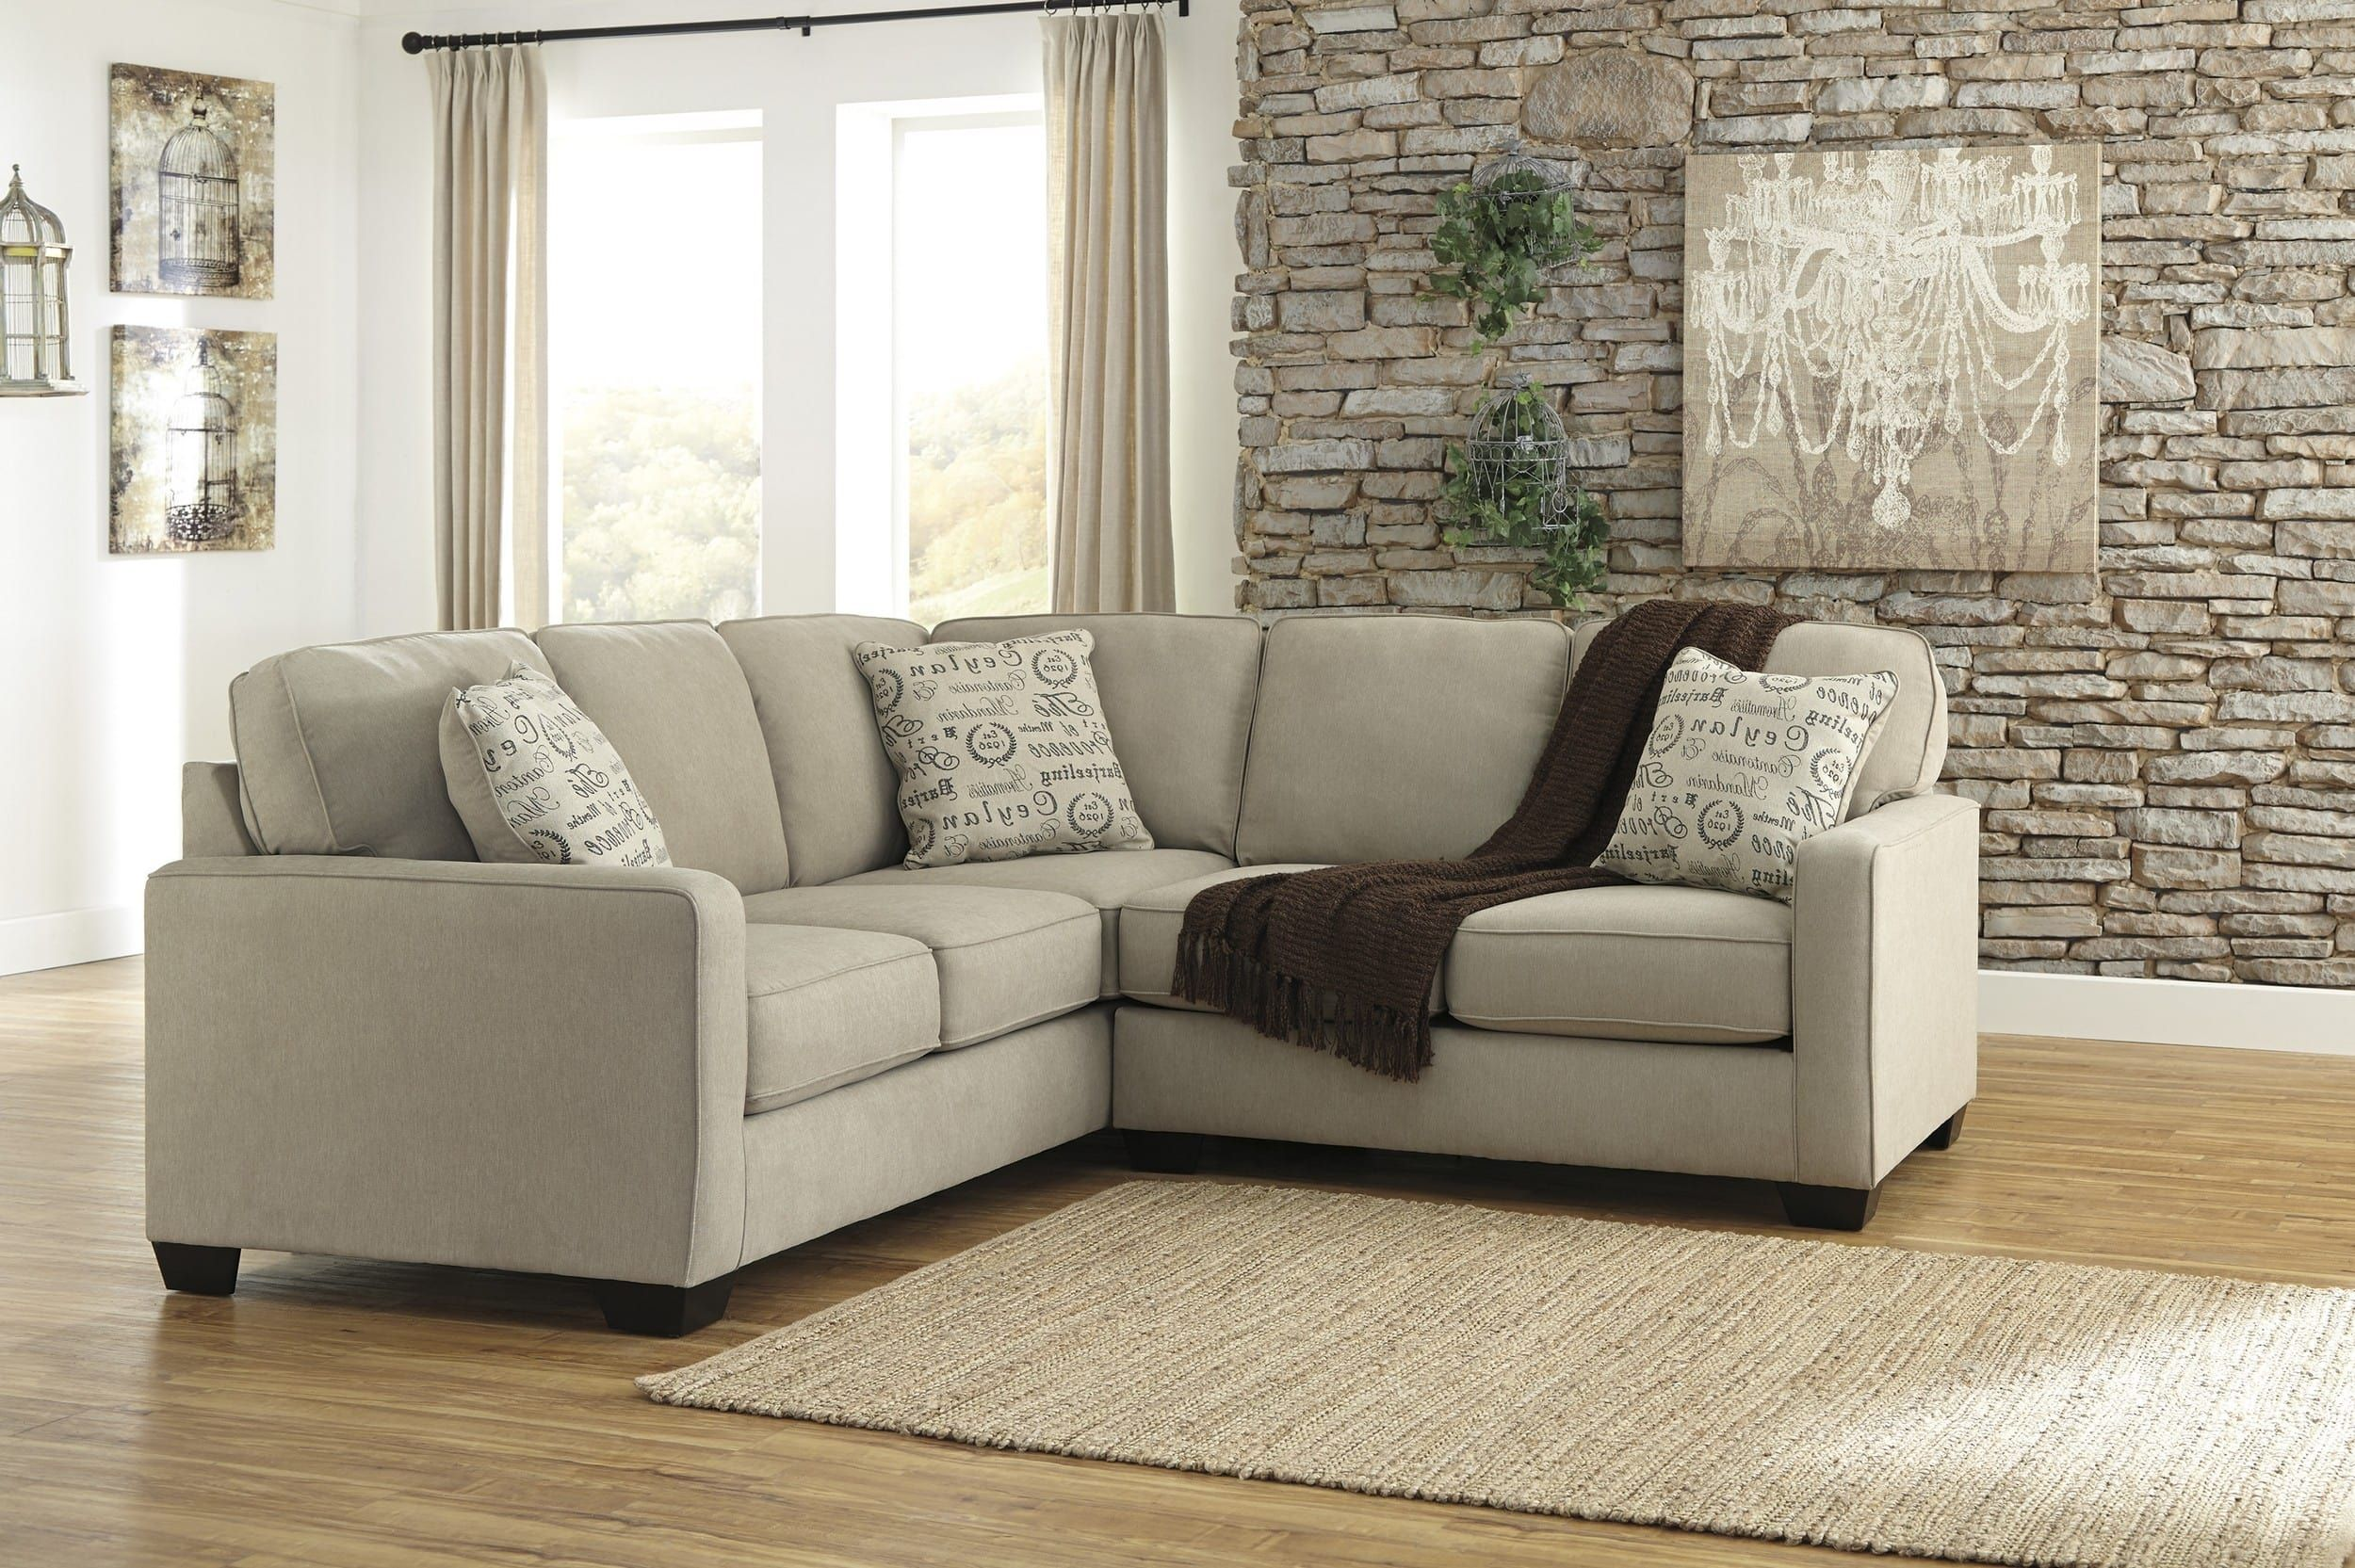 Best Alenya Quartz 2 Piece Right Facing Sectional Sofa Alenya 640 x 480